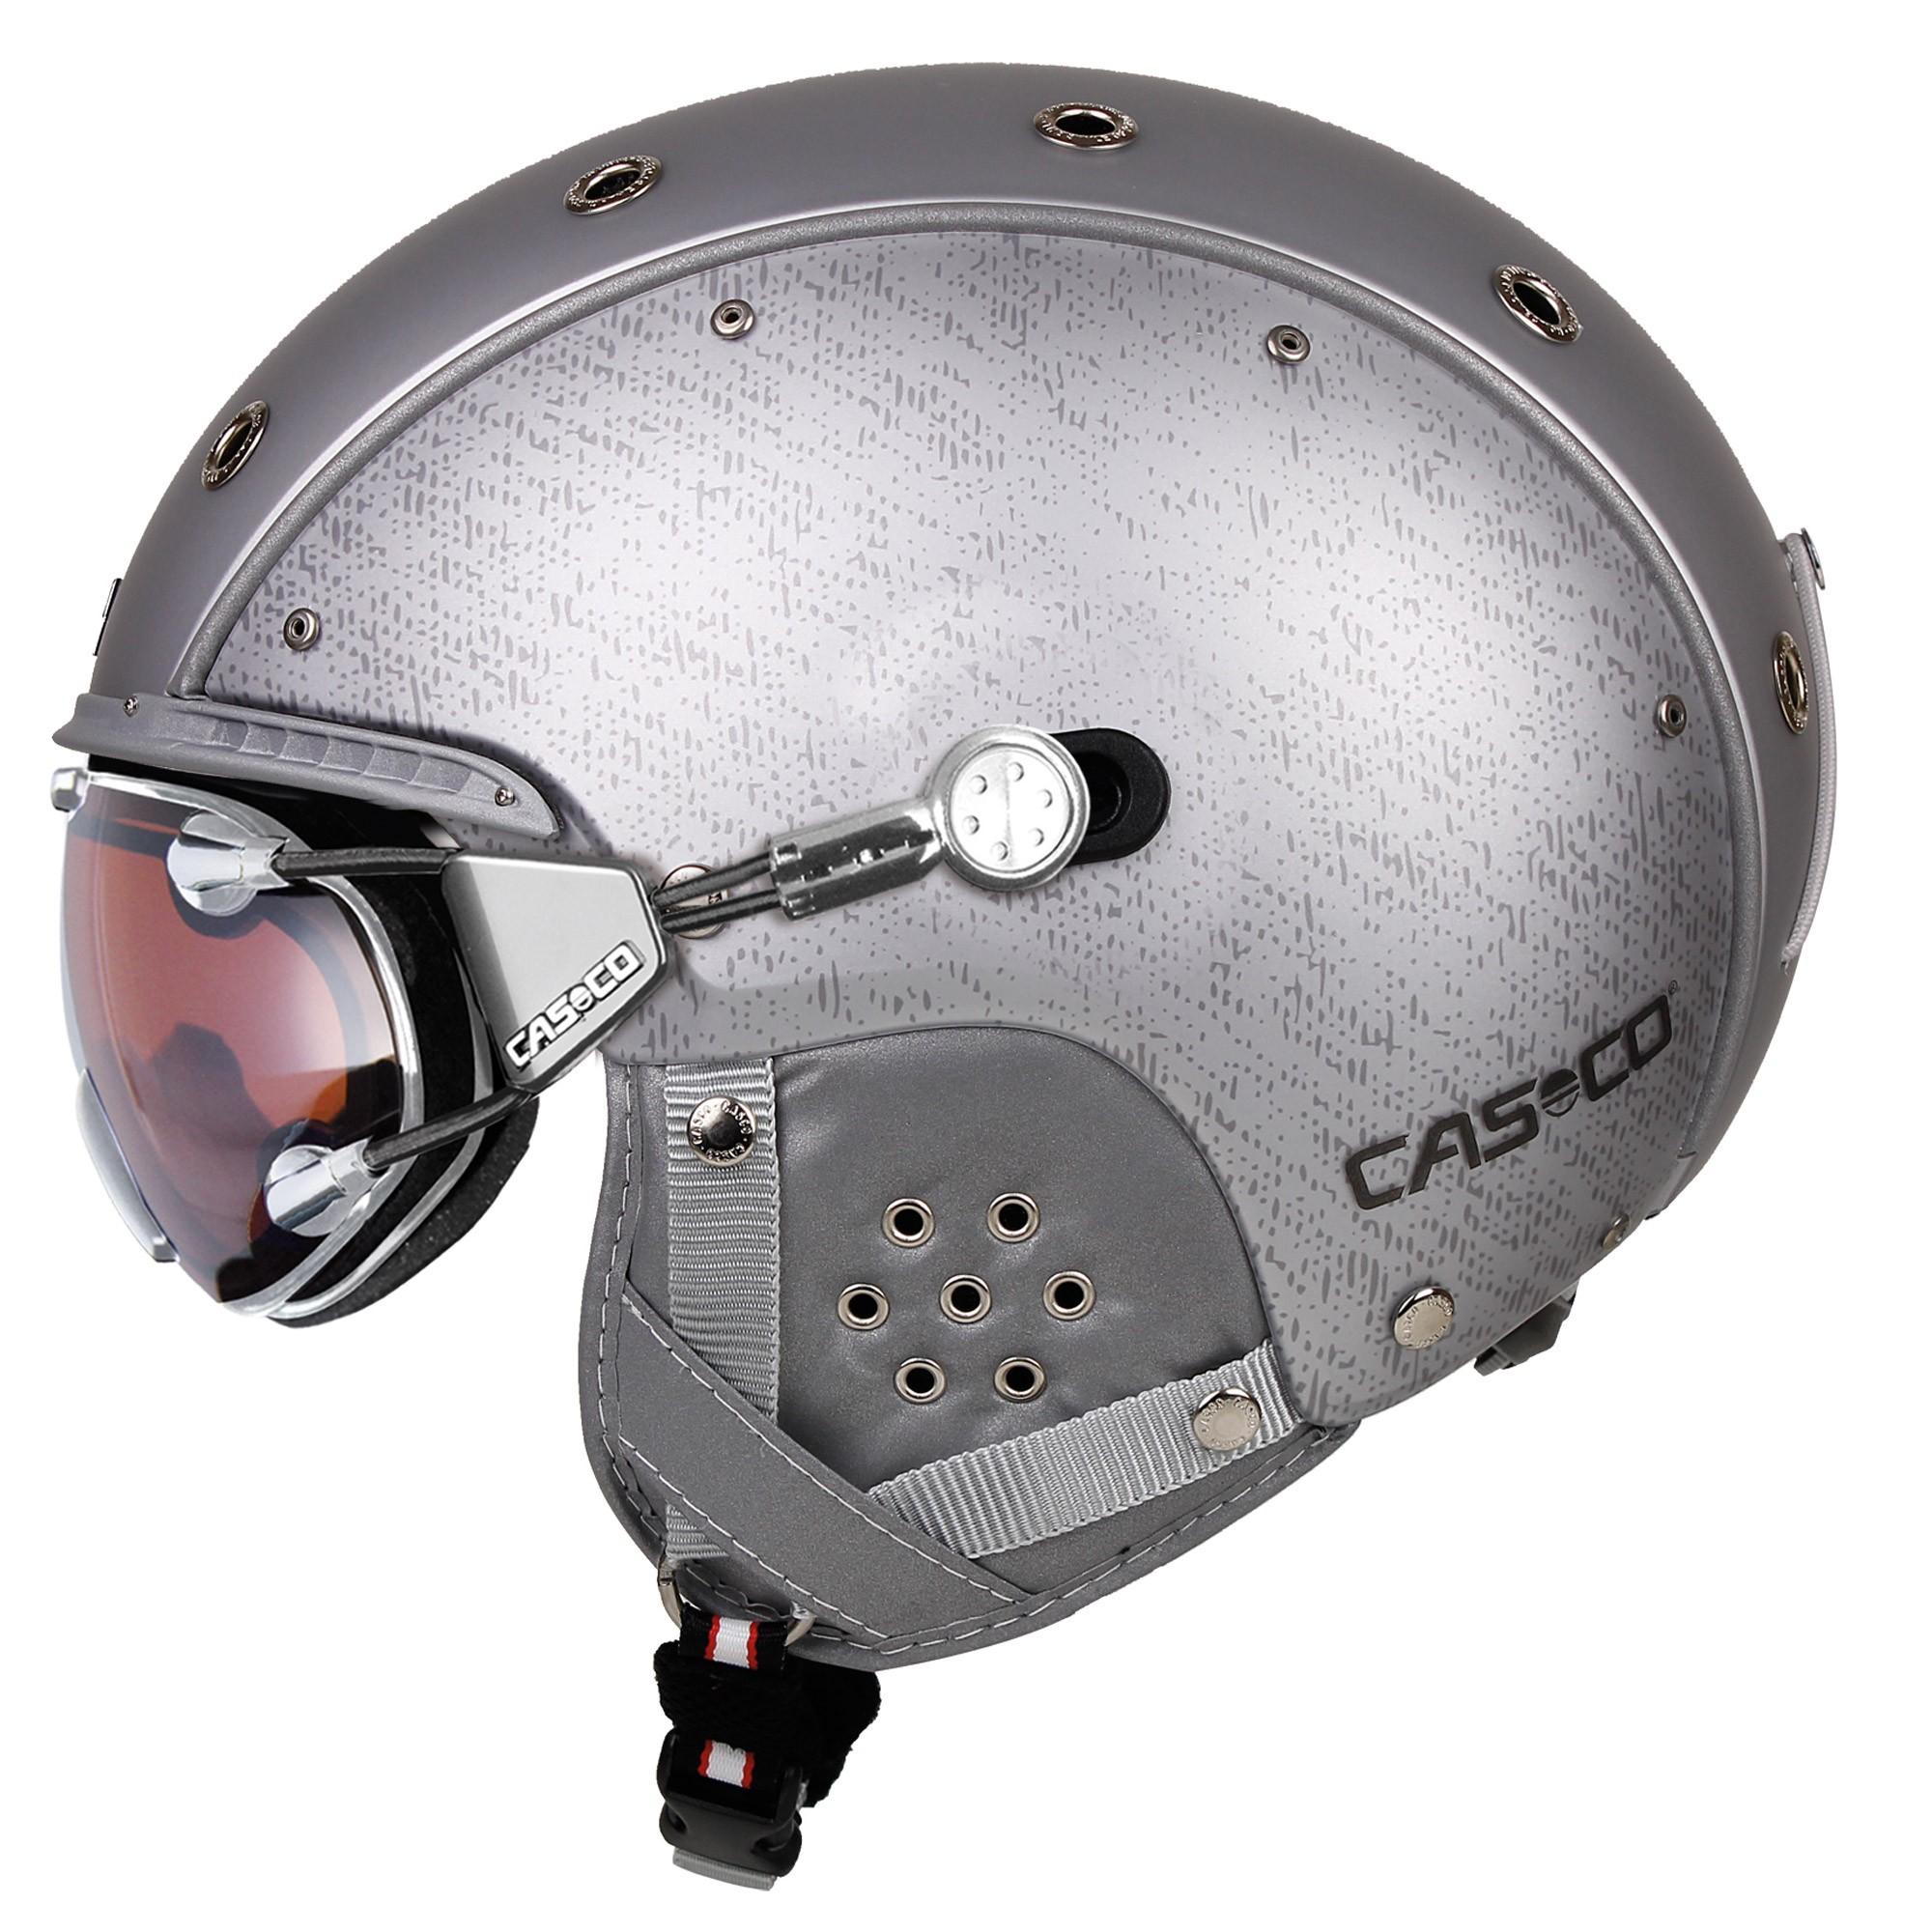 Afbeelding van Casco SP 3 Airwolf Helm Gun Metal 58 62 Cm